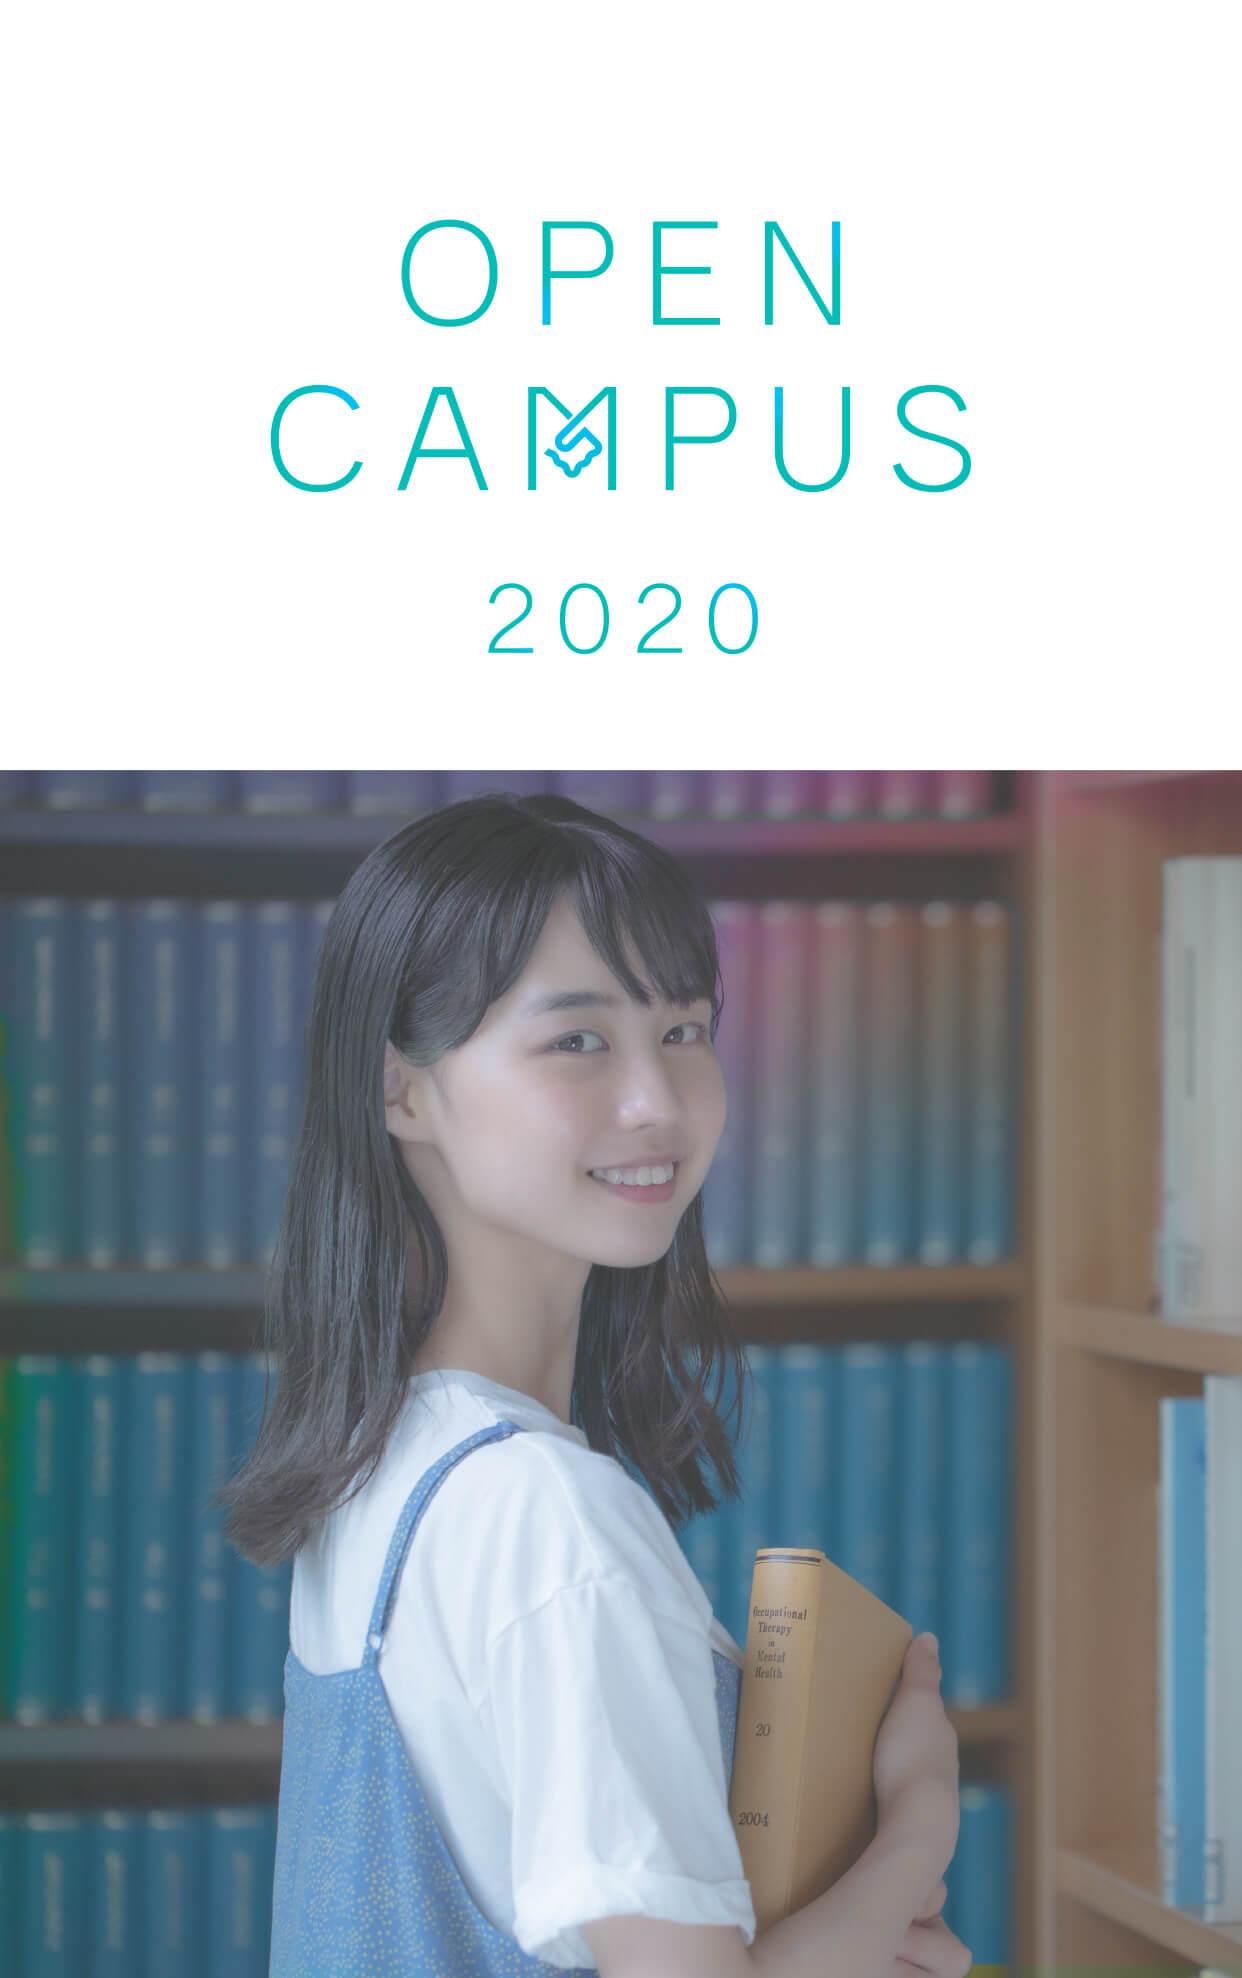 オープンキャンパスのスマホメイン画像